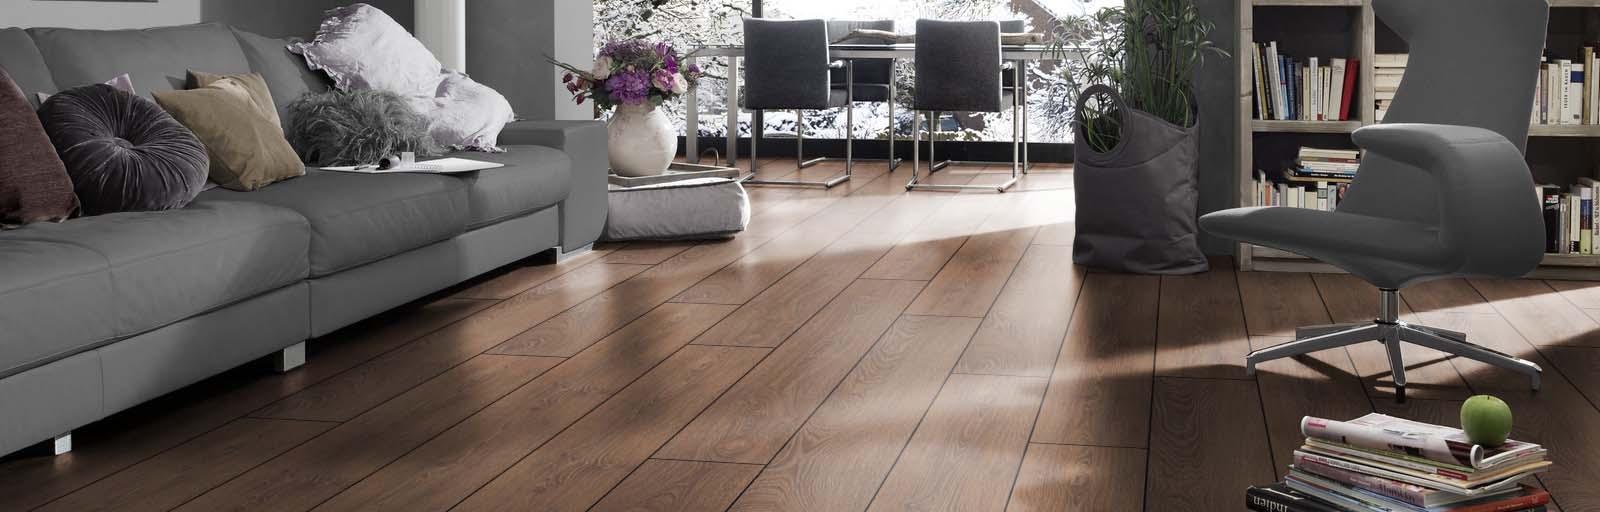 Phòng khách sử dụng sàn gỗ Việt nam Galamax